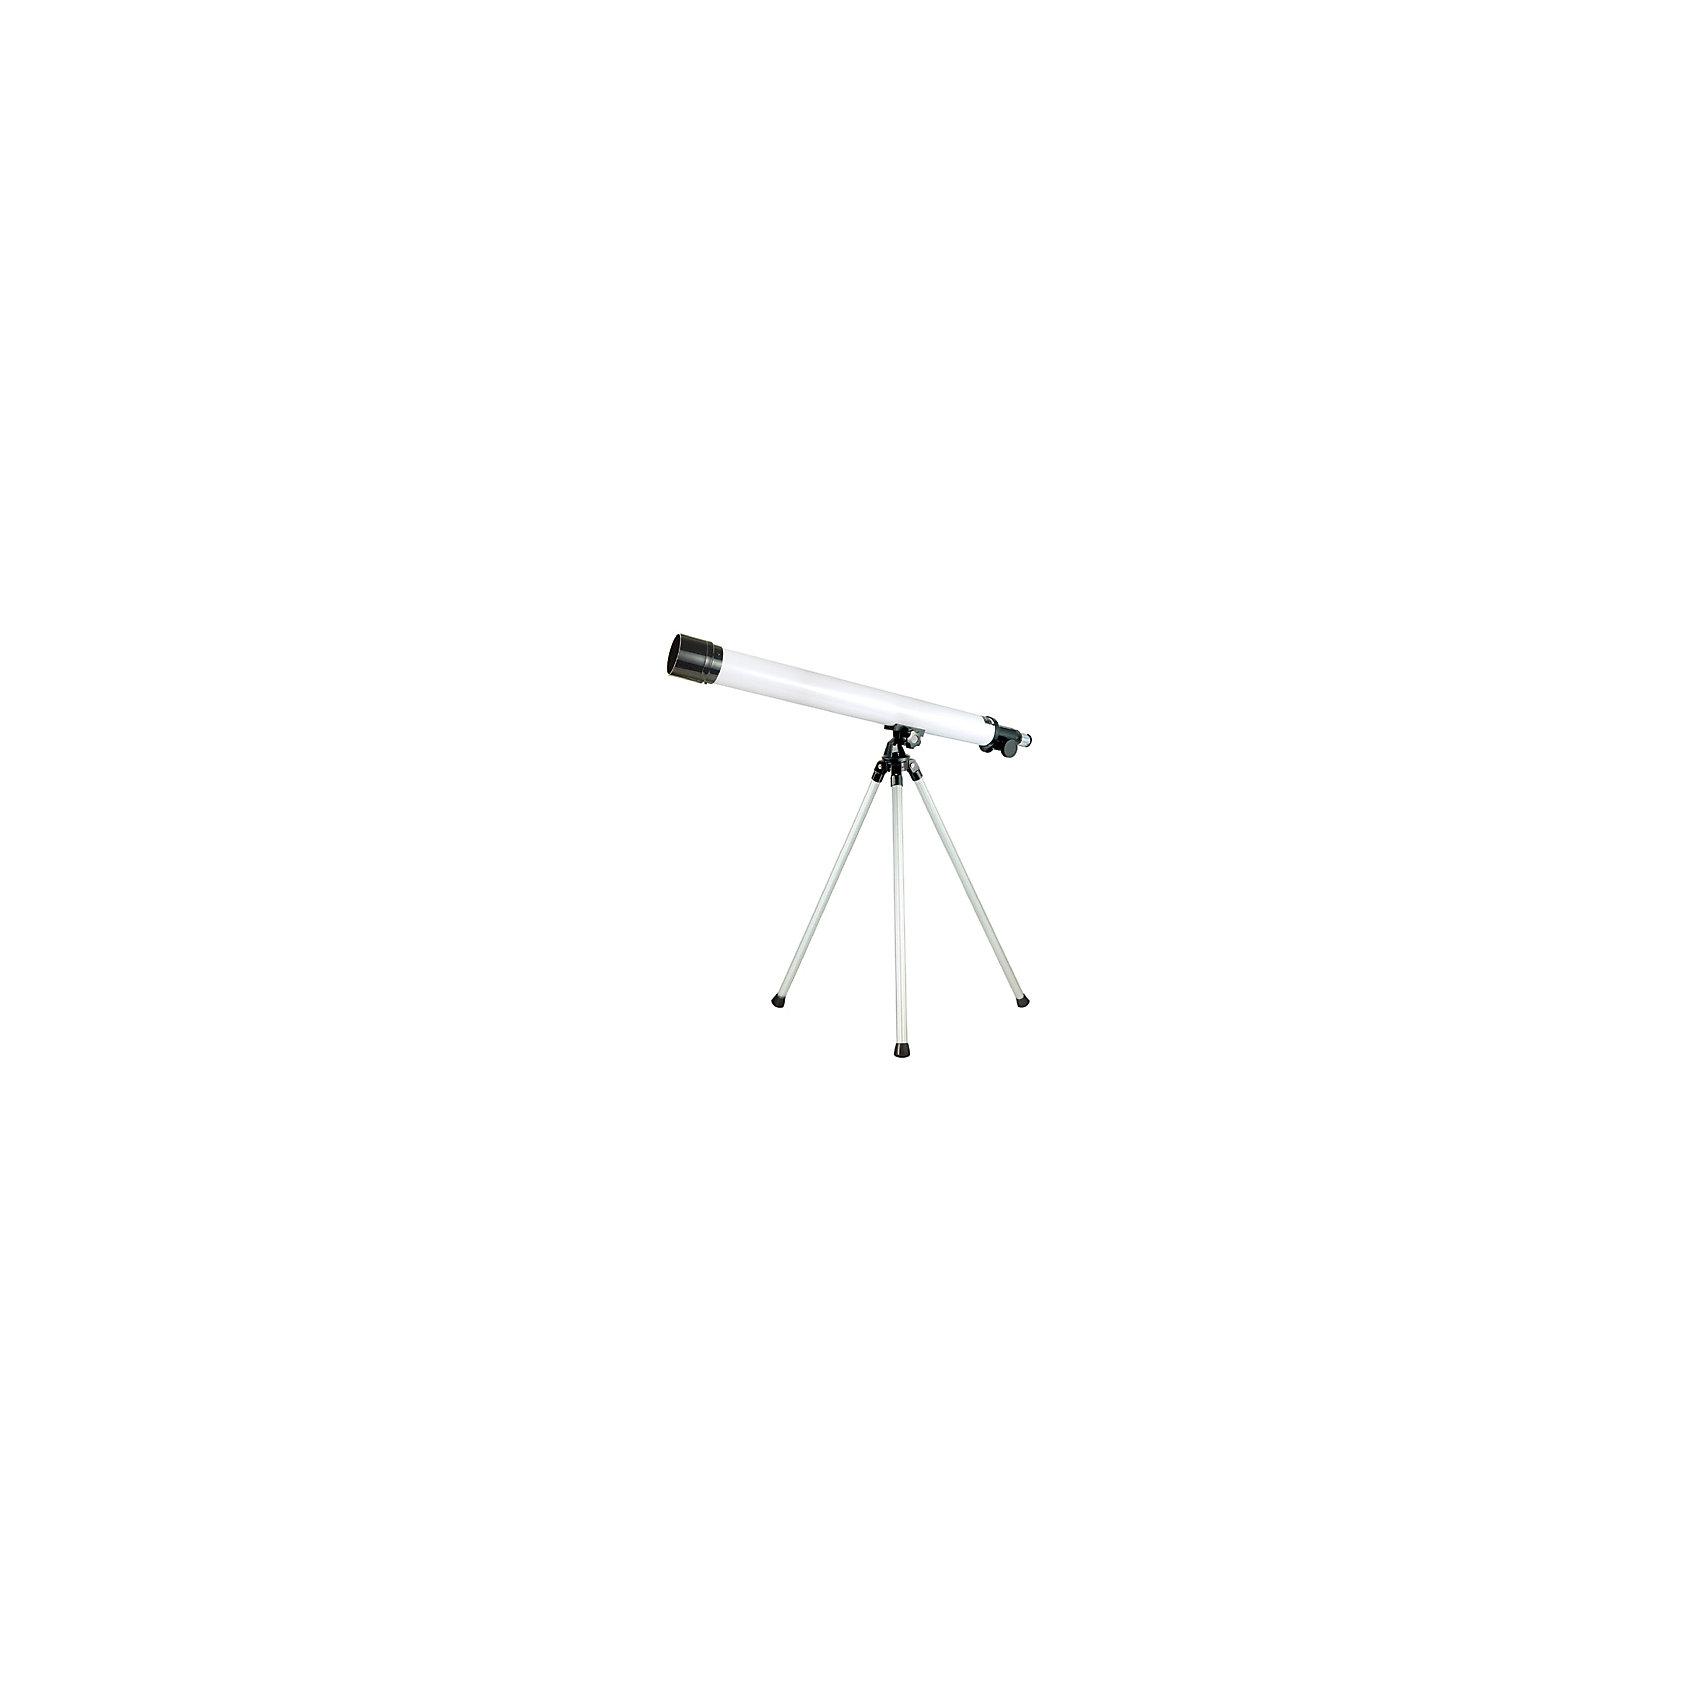 Телескоп, Edu-ToysТелескоп, Edu-Toys, станет замечательным помощником для юного исследователя и поможет вести увлекательные наблюдения за окружающим миром и звездным небом. Прибор представляет собой наземную трубу (тубус) на алюминиевом штативе. Окуляры с увеличением 35х и 50х дают возможность вести наблюдение за разными типами объектов. Специальная ручка регулировки поможет наладить нужную резкость и сделать наблюдаемый объект четче. Телескоп также оборудован видоискателем, зеркалом-отражателем диаметром 5 см. и увеличительной трубкой для линз.<br> <br>Дополнительная информация:<br><br>- Материал: металл, стекло. <br>- Длина корпуса телескопа: 65 см.<br>- Высота штатива: 45 см.<br>- Диаметр объектива: 76 мм.<br>- Диаметр зеркала-отражателя: 50 мм.<br>- Фокусируемая длина: 500 мм.<br>- Окуляры: 35х, 50х.<br>- Видоискатель 6/25 мм.<br>- Размер упаковки: 21 х 7,6 х 70 см.<br>- Вес: 1,21 кг.<br><br>Телескоп, Edu-Toys, можно купить в нашем интернет-магазине.<br><br>Ширина мм: 700<br>Глубина мм: 76<br>Высота мм: 210<br>Вес г: 1210<br>Возраст от месяцев: 96<br>Возраст до месяцев: 144<br>Пол: Унисекс<br>Возраст: Детский<br>SKU: 4013731